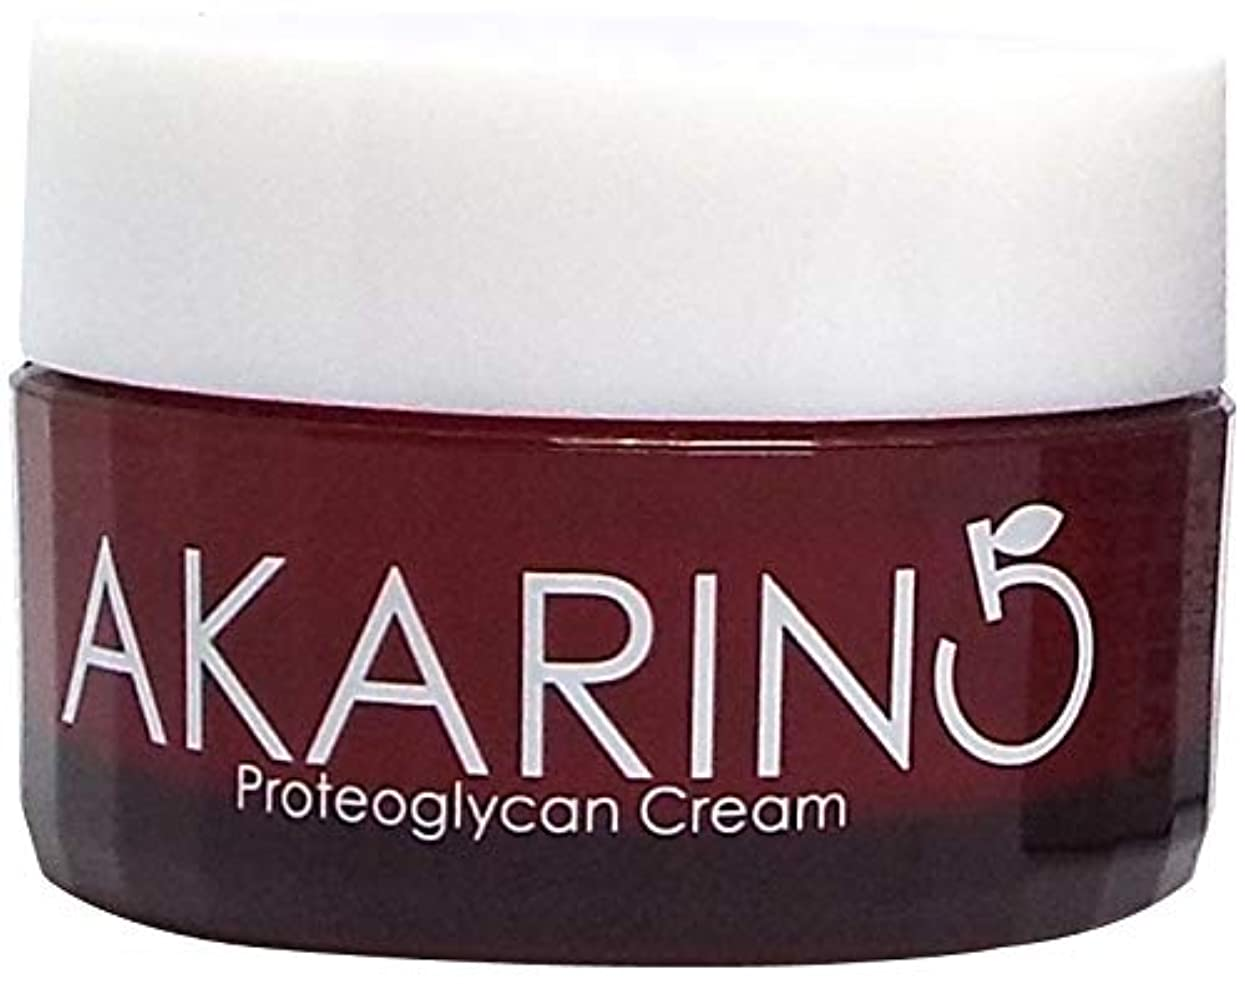 みぞれ故意に姉妹プロテオグリカン配合フェイスクリーム 30g AKARIN5